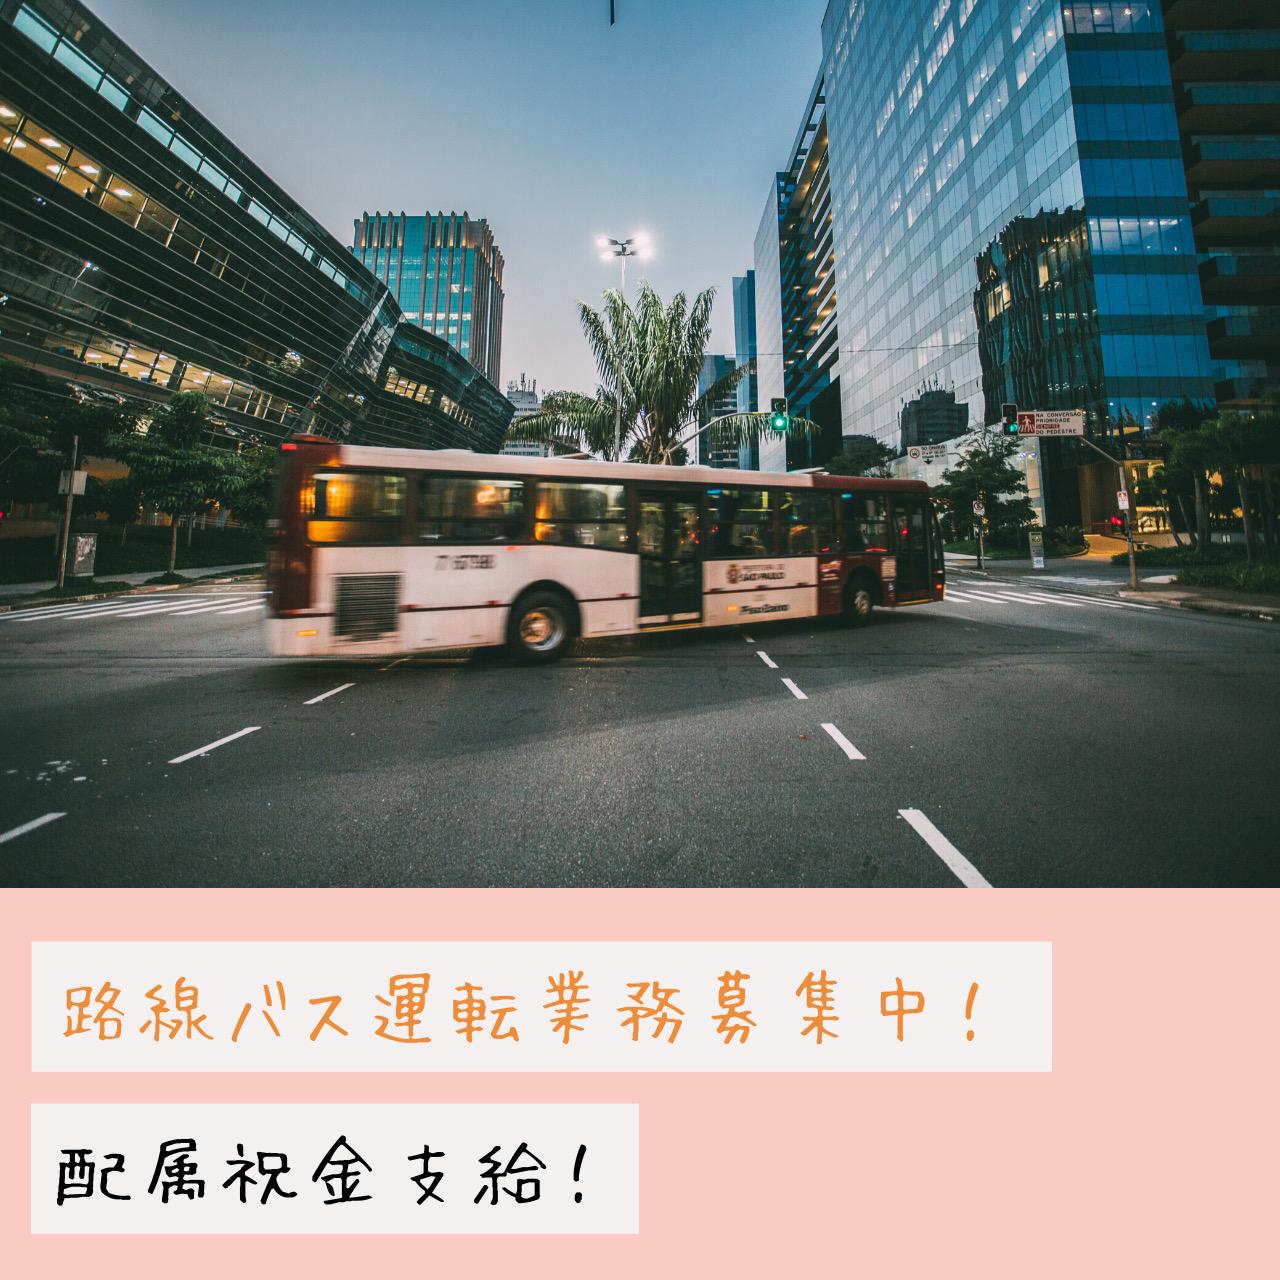 営業所配属祝金の支給あります!名古屋市西区「路線バスドライバー」◆特典多数あり イメージ